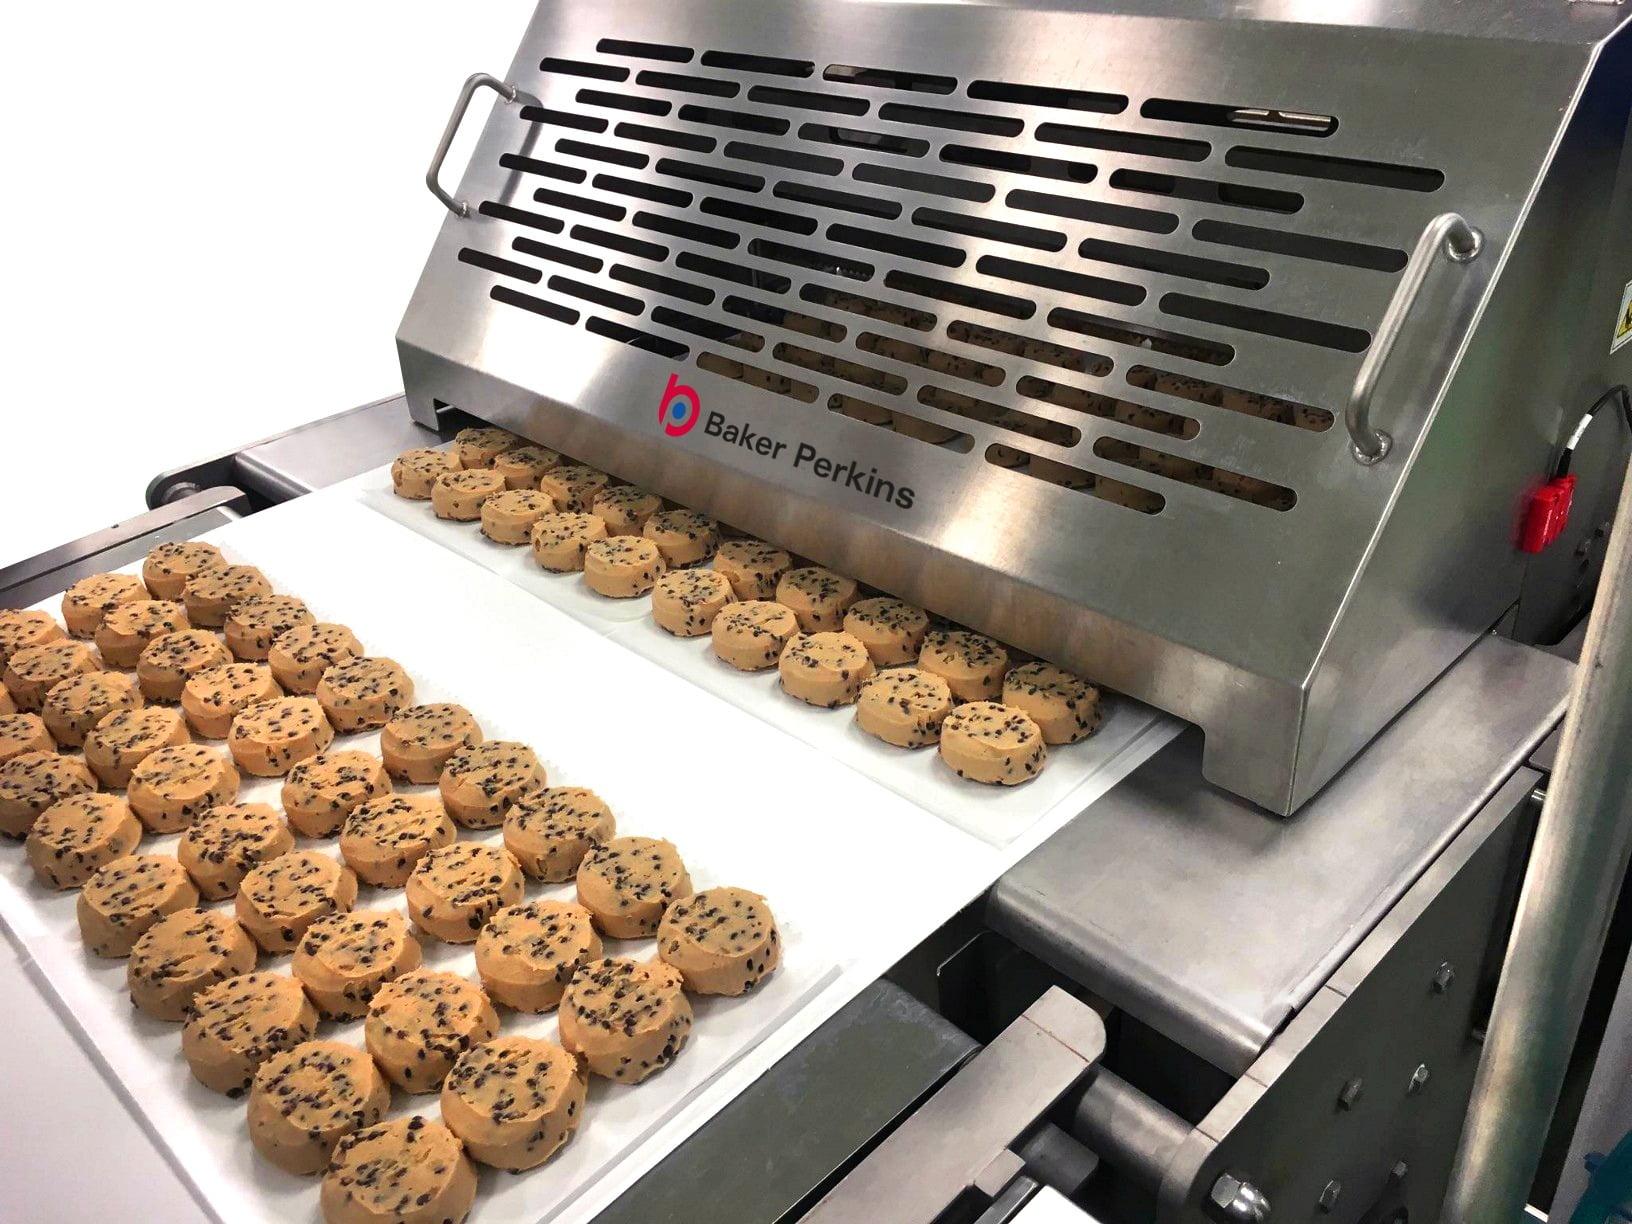 Cookie dough, frozen dough, Cookies, Bakery Equipment, Conveyor